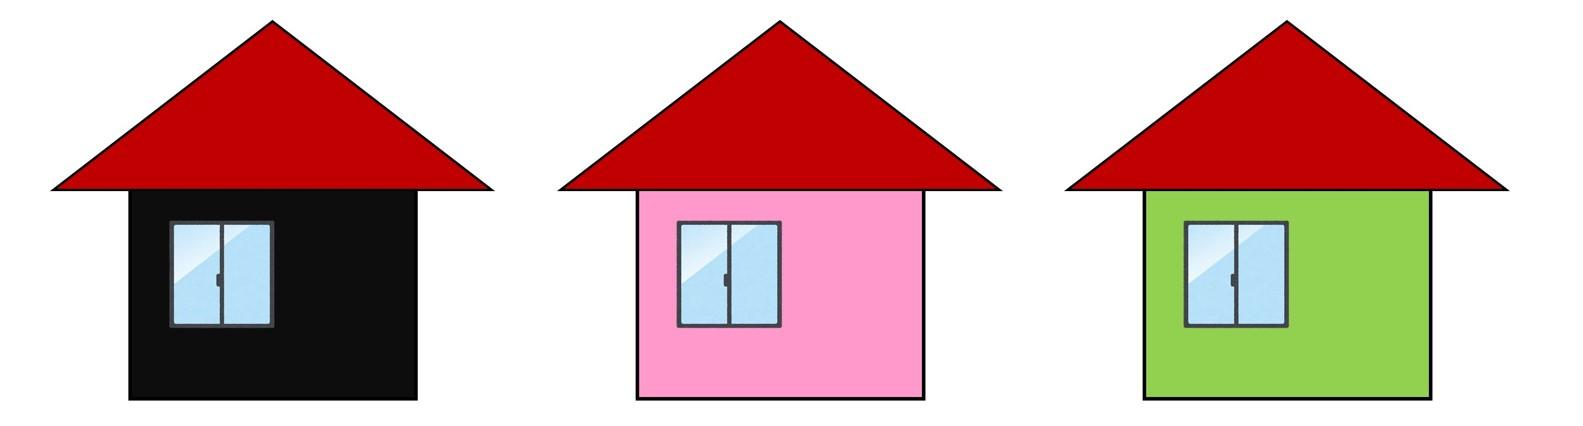 赤い屋根との組み合わせ